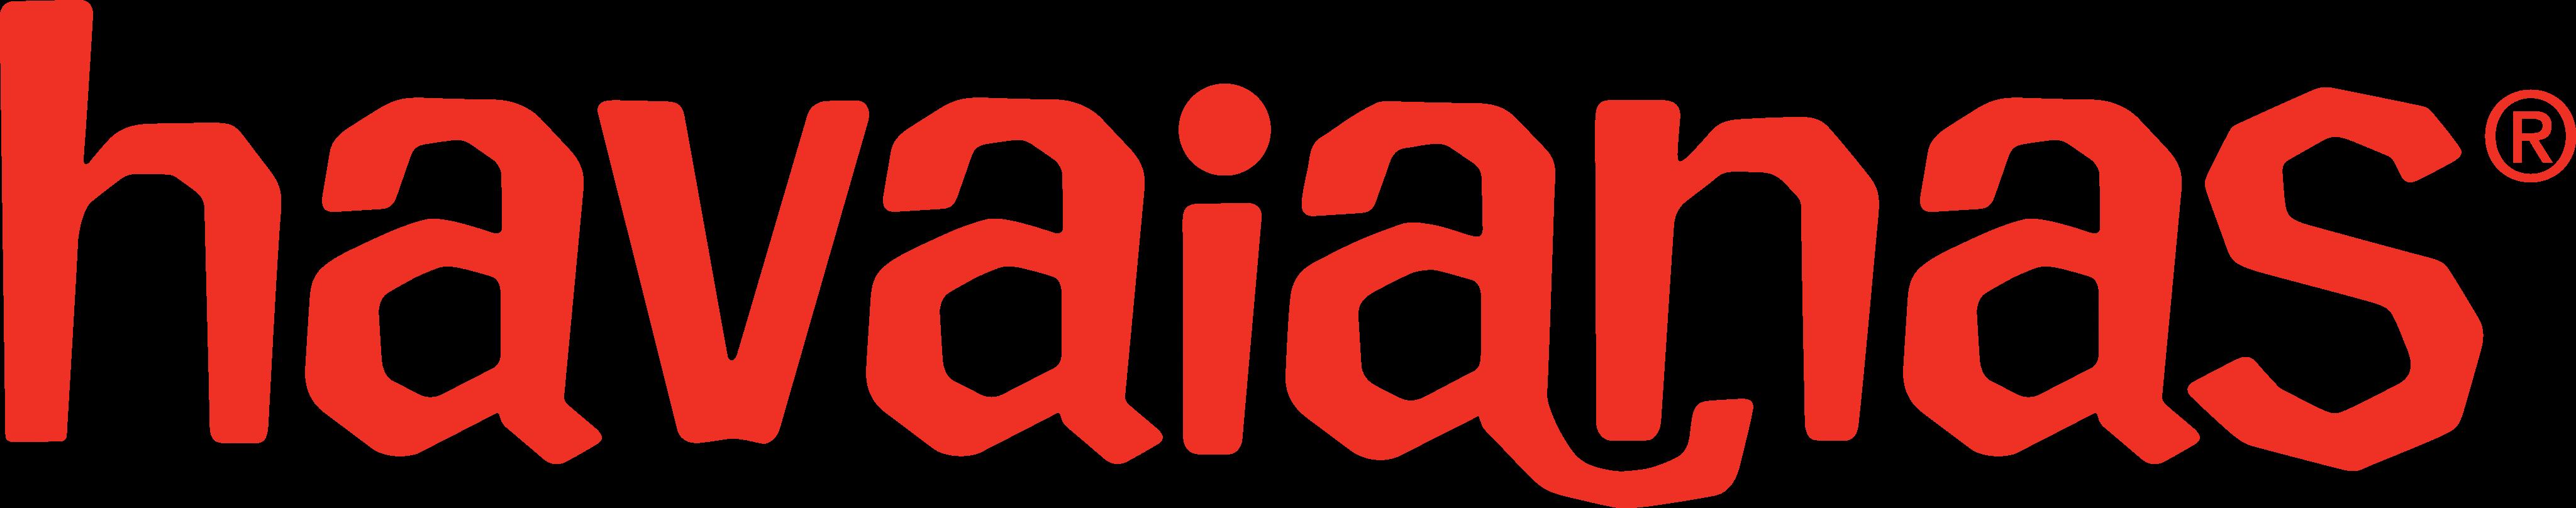 havaianas logo 2 1 - Havaianas Logo